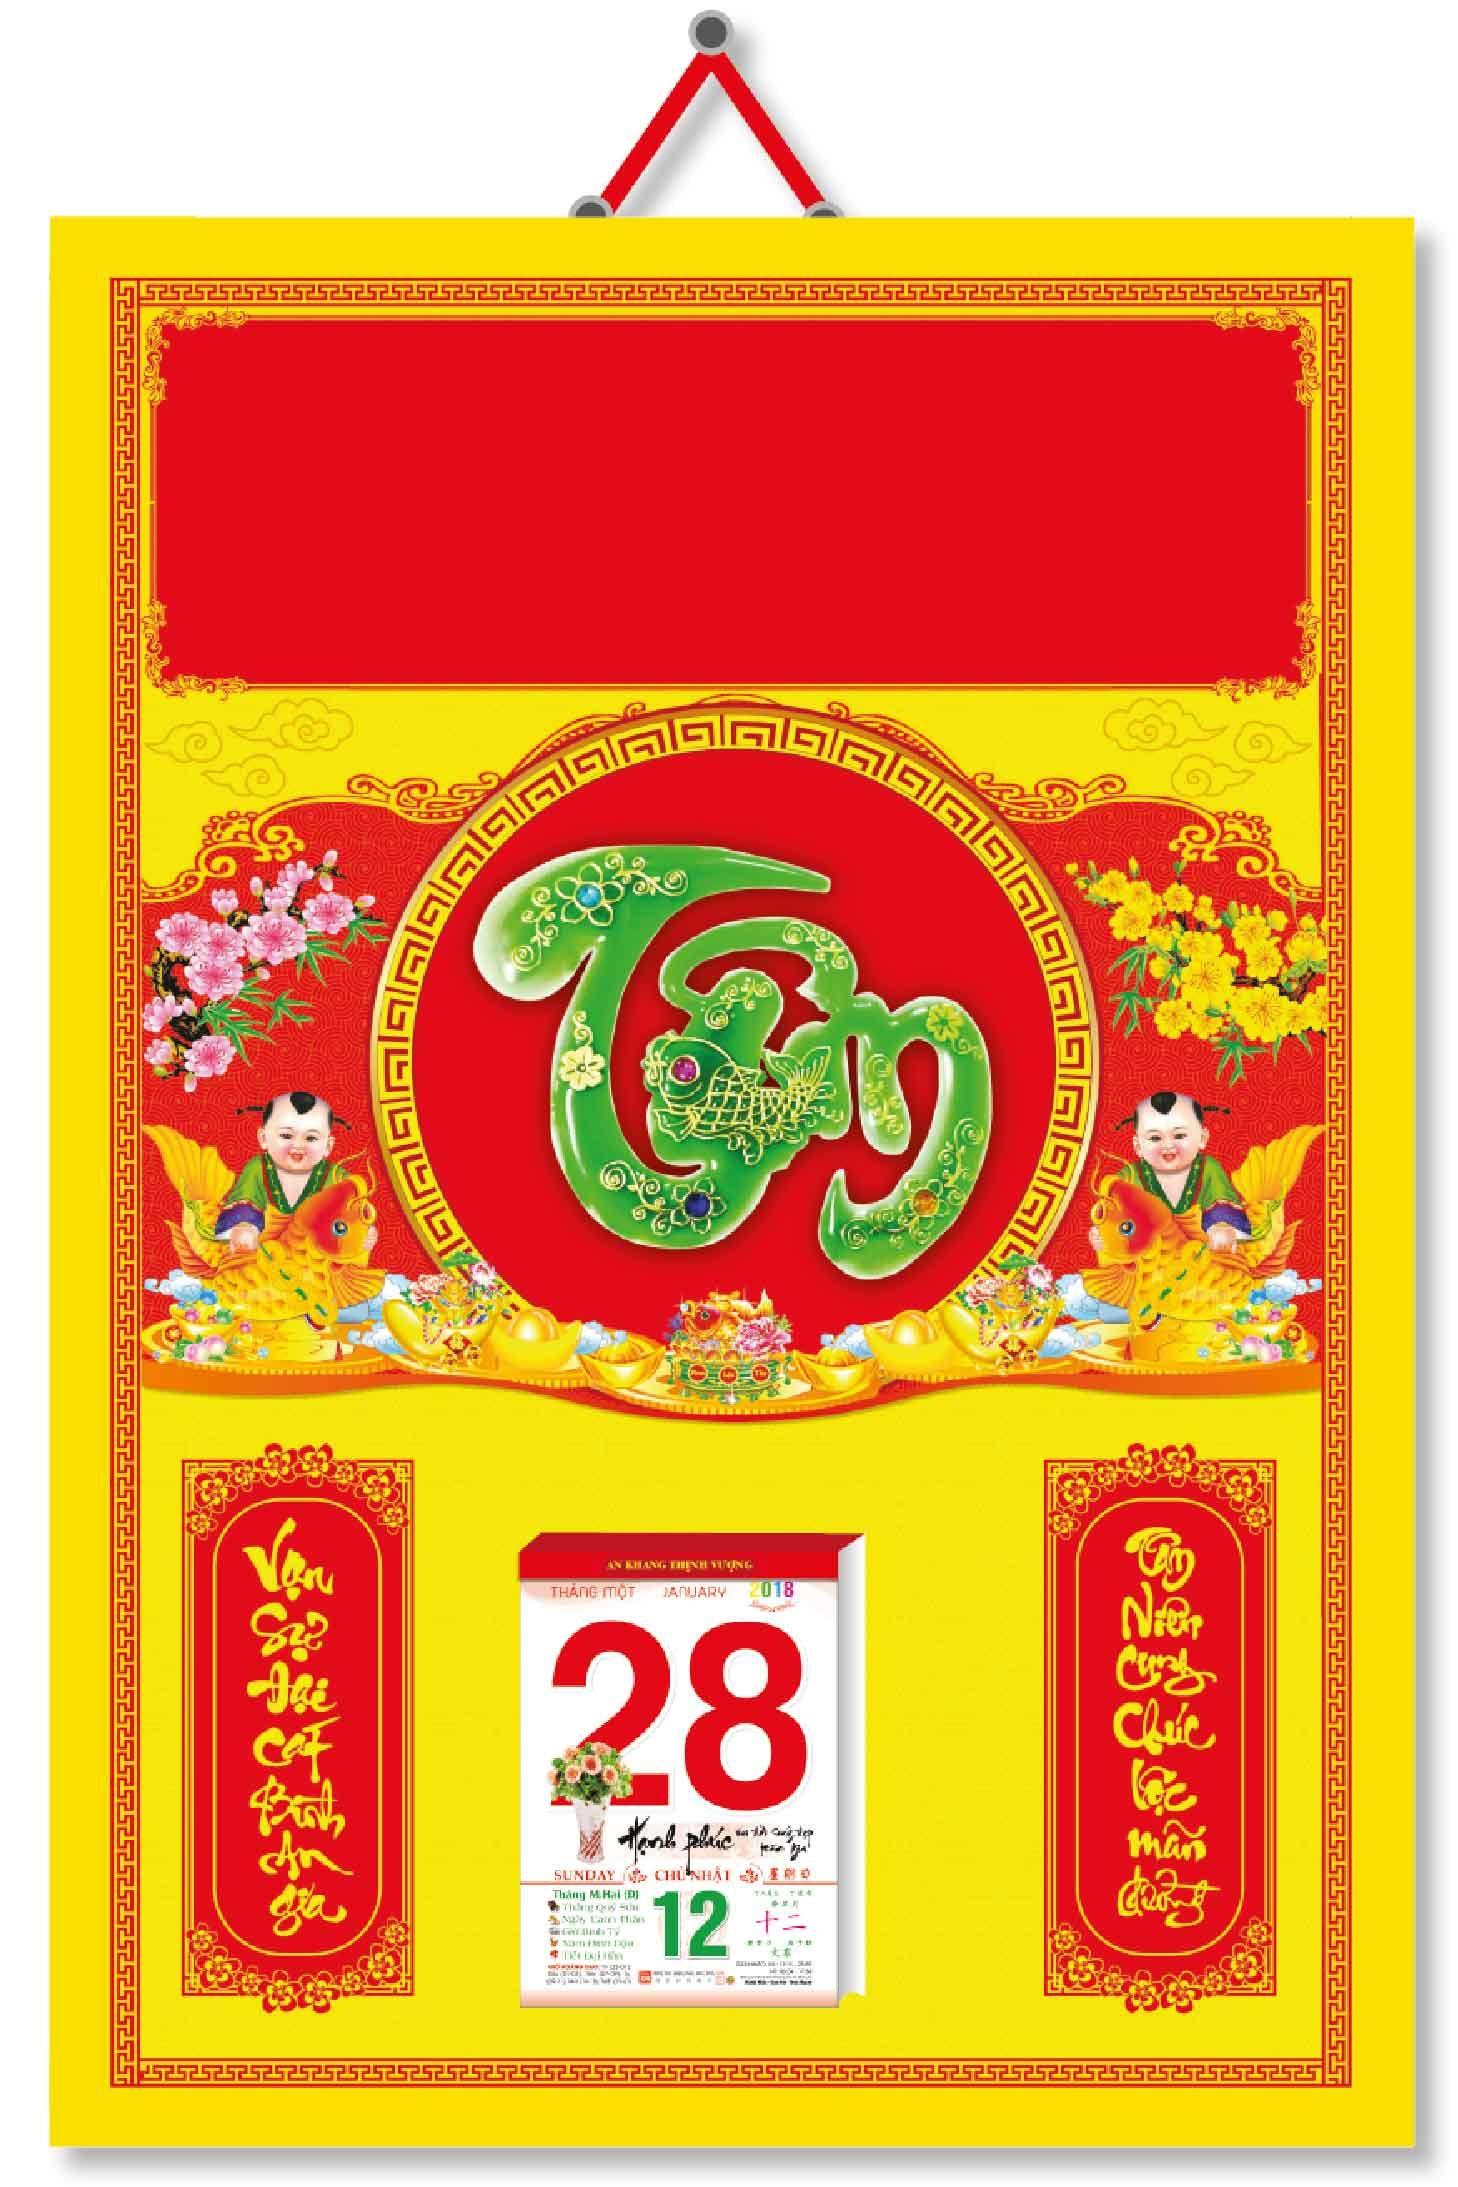 KV316- Bìa Treo Lịch Đỏ 2018 Dán Chữ Nổi (40 x 60 cm) - Em Bé, Dán Nổi Chữ Tâm Cẩm Thạch